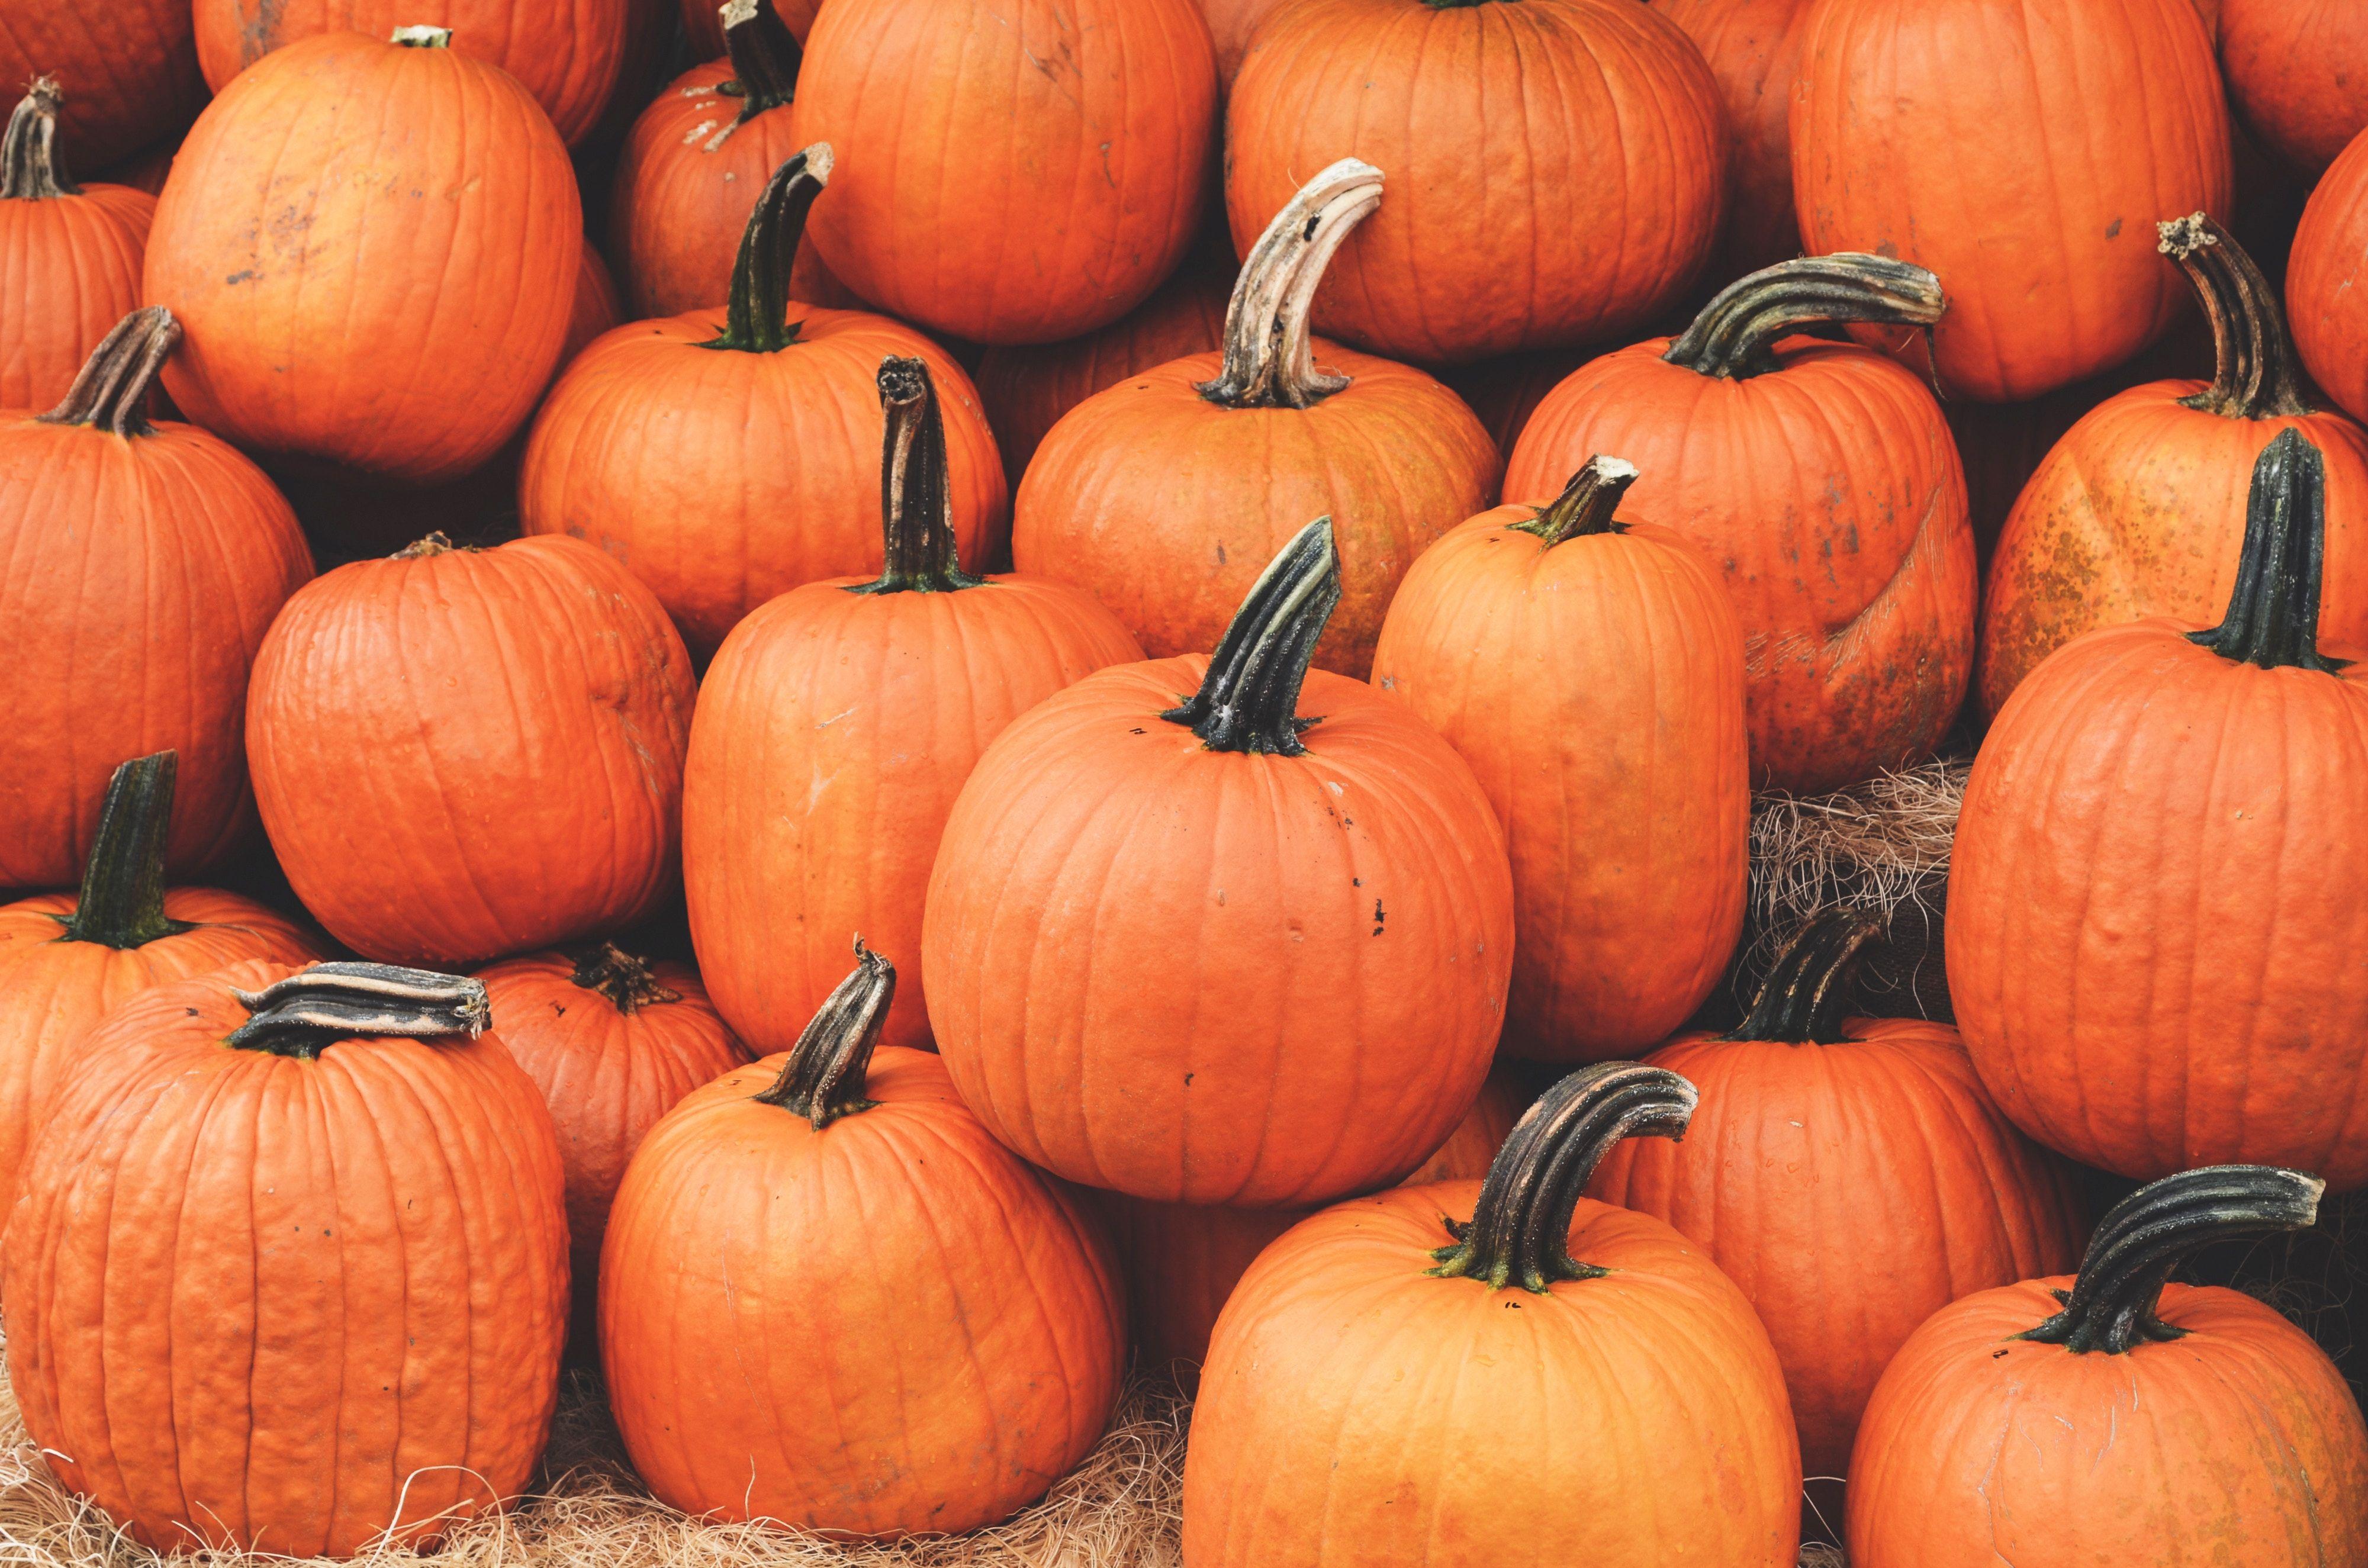 Wallpapers Vegetable Autumn Squash Superfood Pumpkin Desktop Wallpaper Fall Halloween Desktop Wallpaper Cute Desktop Wallpaper